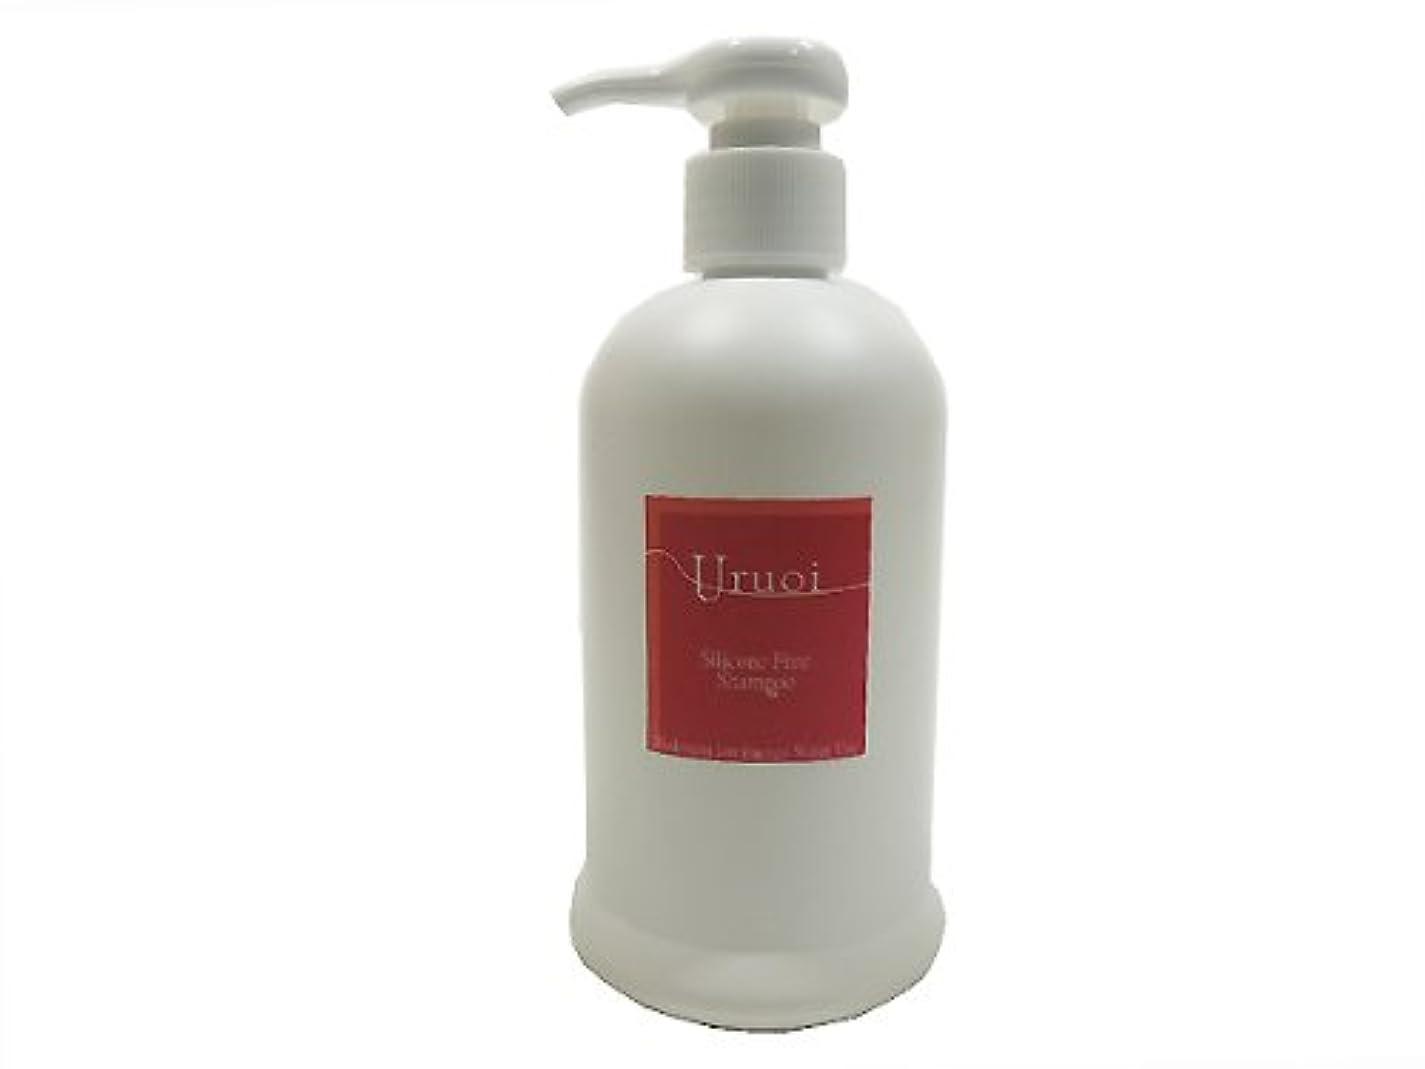 ファンブルクリーム反発する水素イオン発生エネルギー水 うるおいシャンプー ノンシリコン Silicone Free Uruoi Shampoo